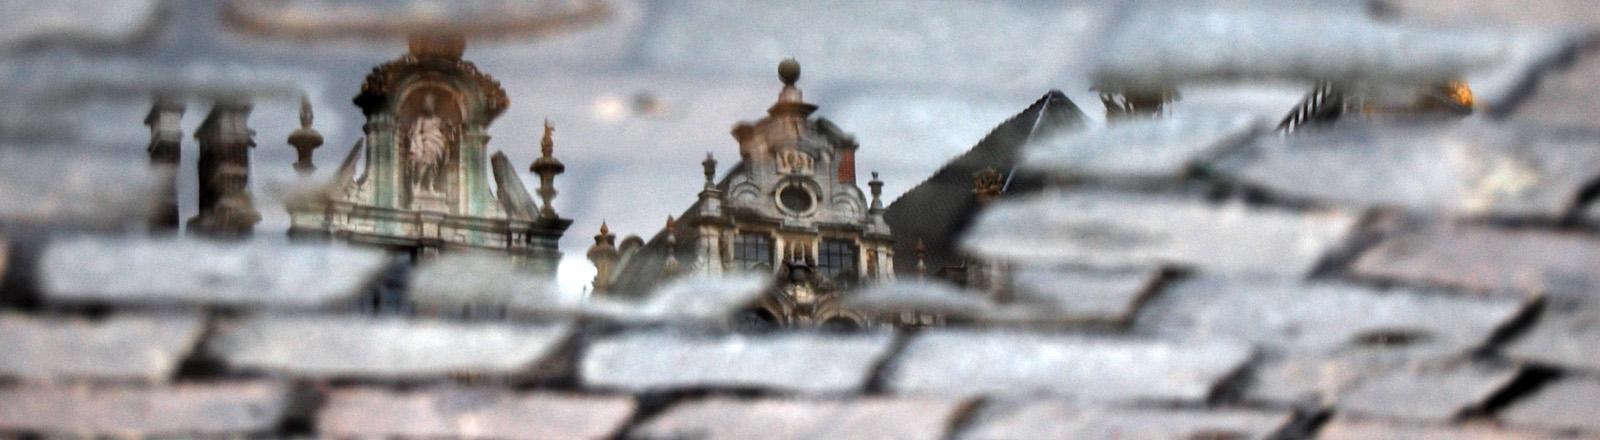 Häuser des zentralen Platzes in Brüssel spiegeln sich in einer Pfütze auf Kopfsteinpflaster.